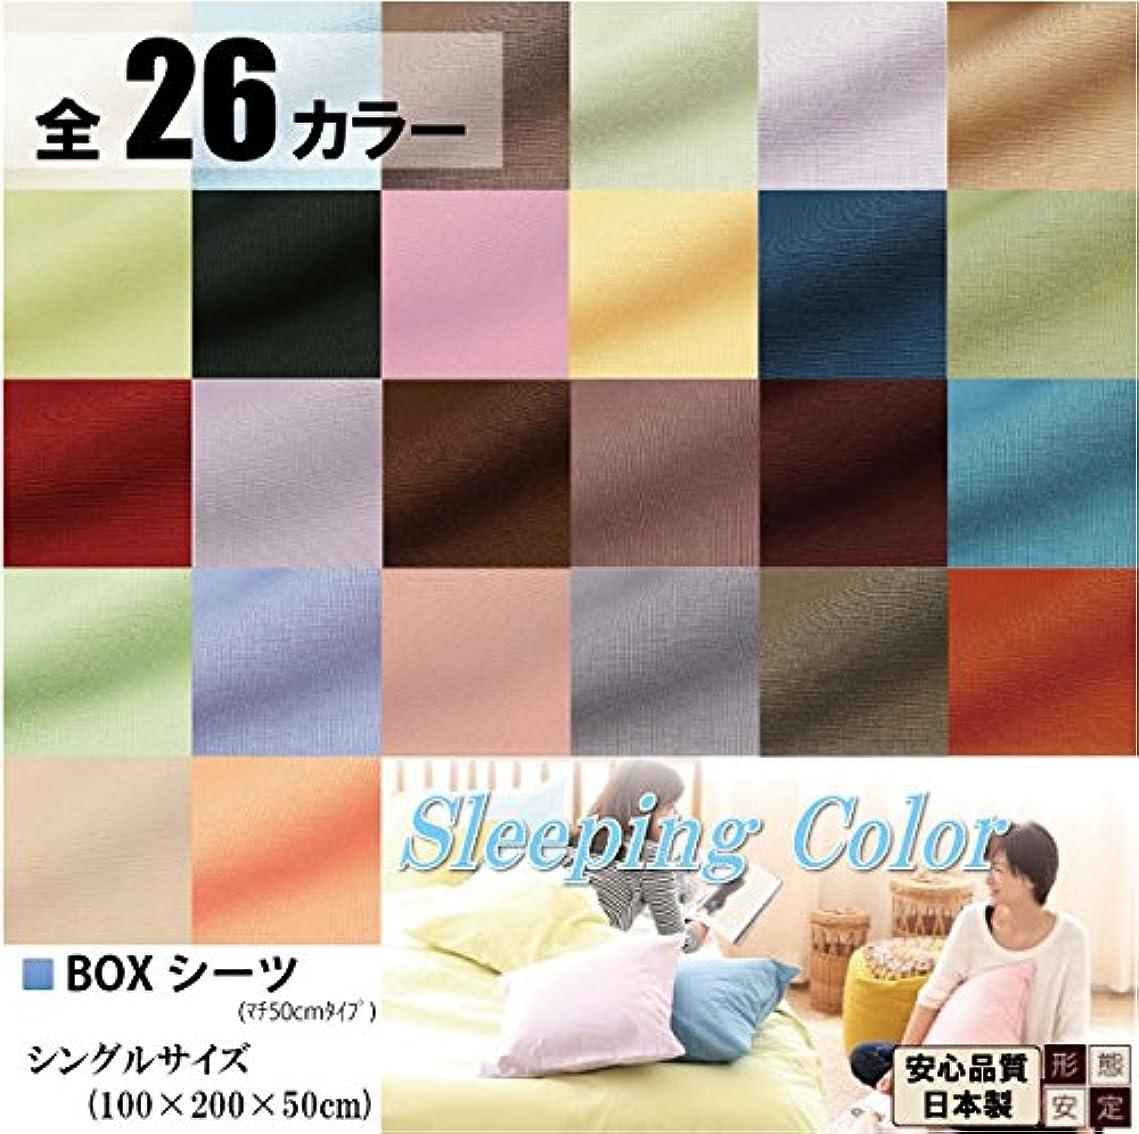 ブラシ平方魔女SLEEPING COLOR ボックスシーツ(マチ50cmタイプ) シングル(100×200×50cm) (カーキ(9518))